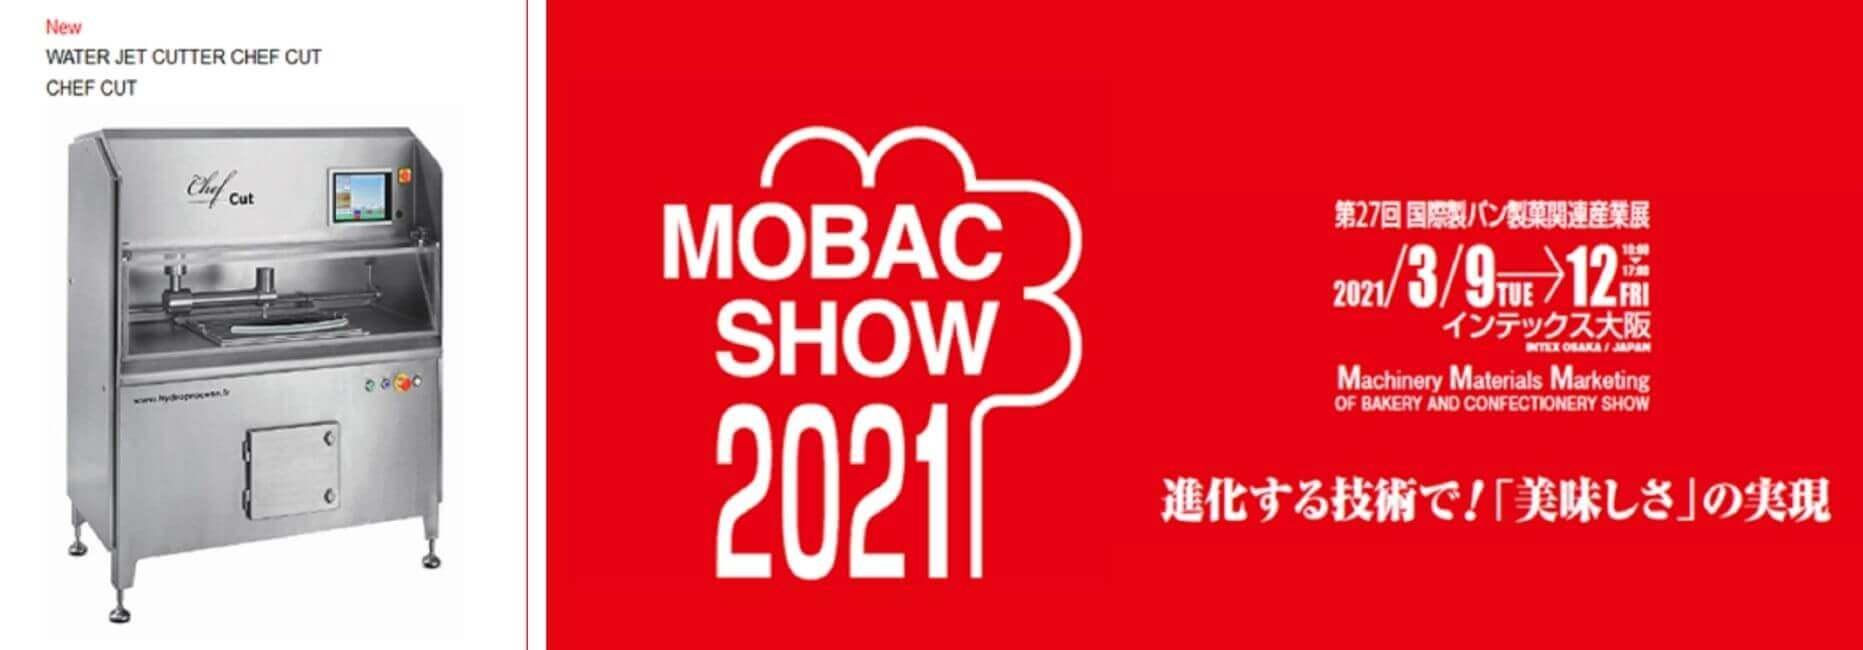 Chefcut sur le salon MOBAC 2021 de Osaka